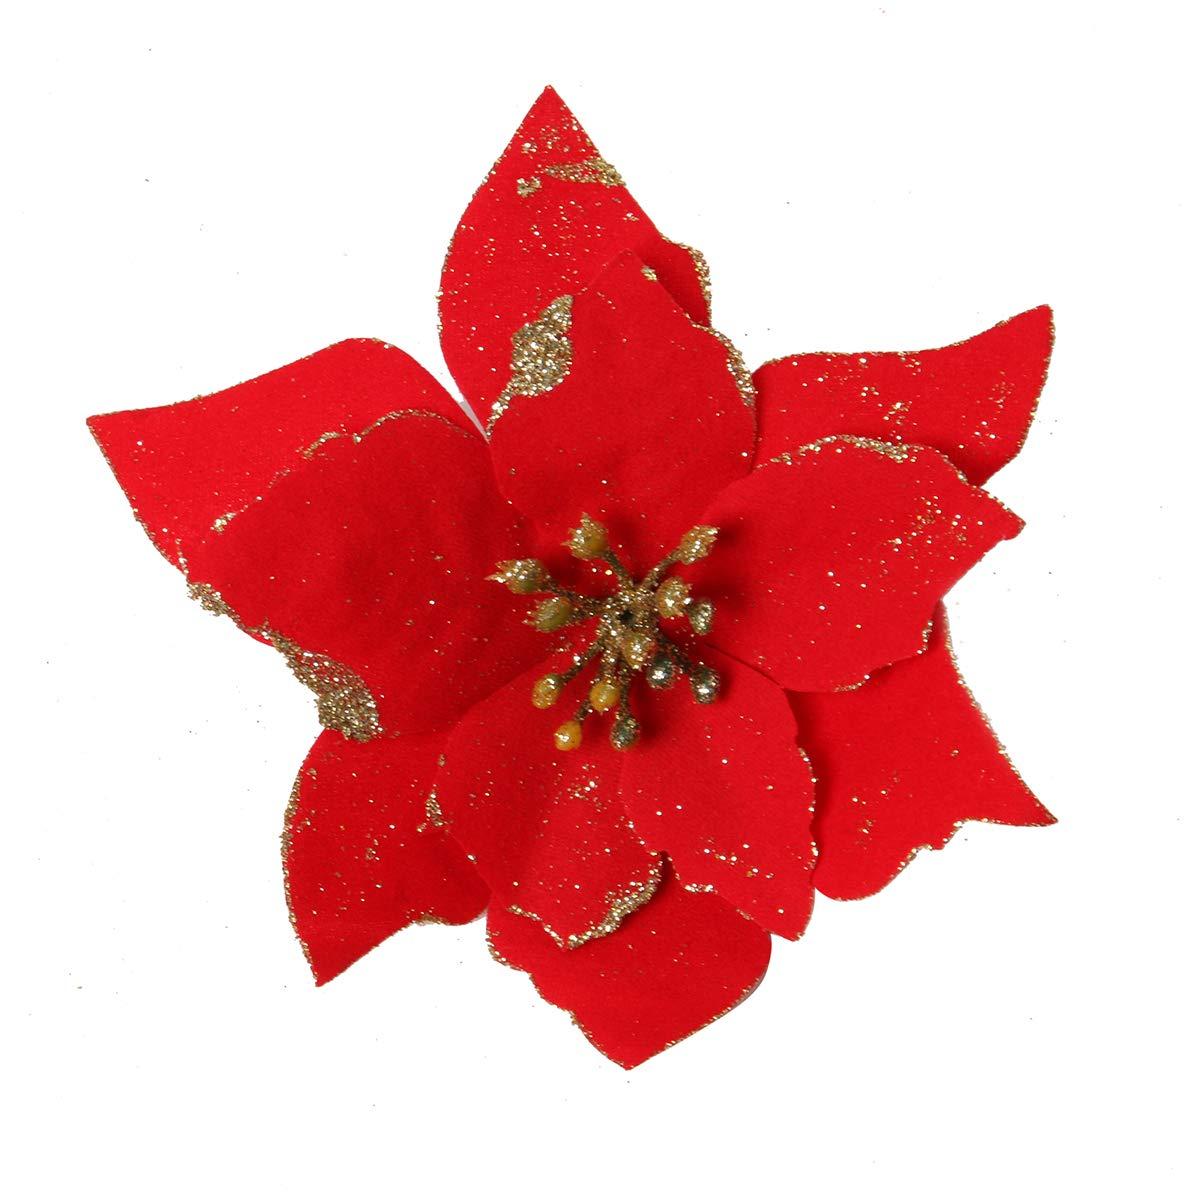 Adorno de /Árbol y Sillas para Navidad Fiestas 13 cm CUSFULL 12Pcs Flores Artificiales Navide/ños con Brillos Flor Rojo de Pascua con Purpurina Nochevieja Bodas Di/ámetro 5.1 /'/'